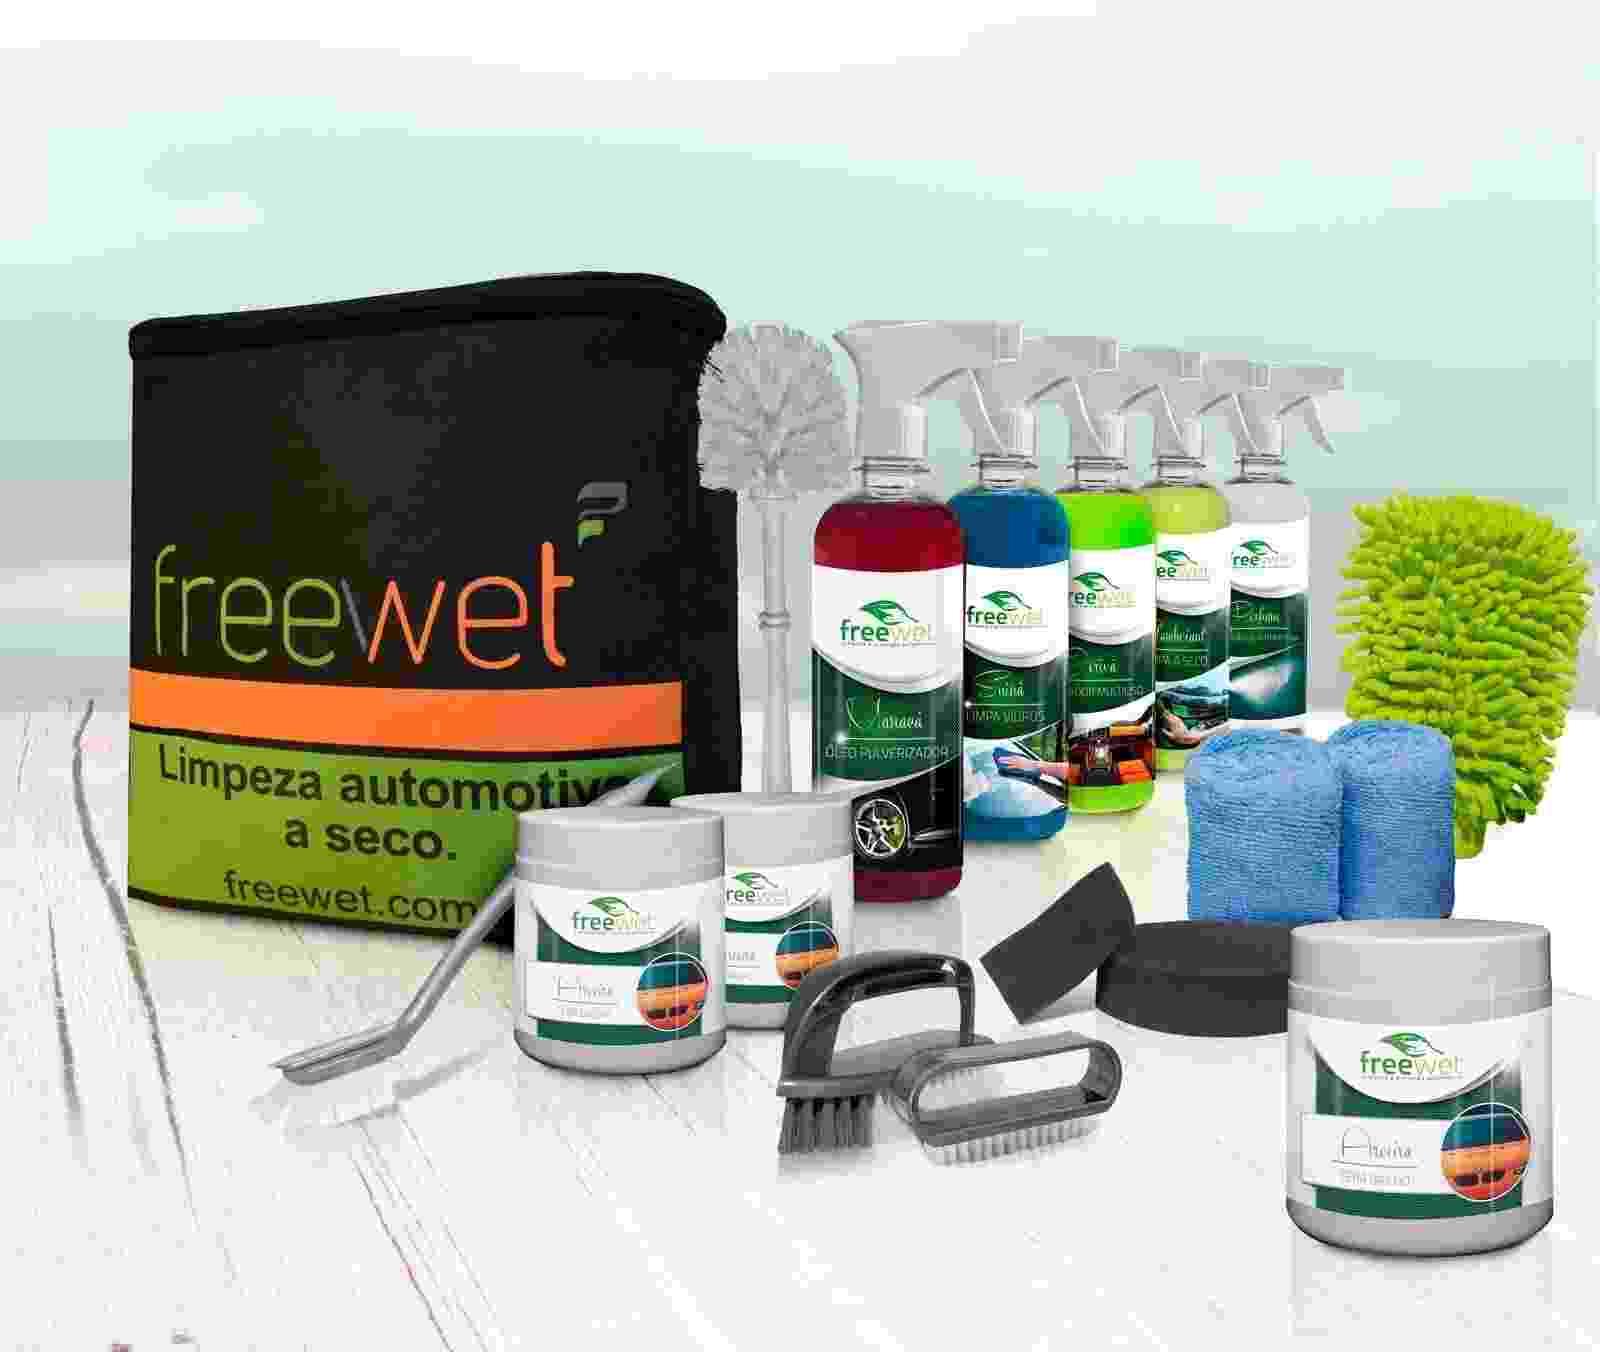 Freewet limpeza e proteção automotiva a seco - Divulgação